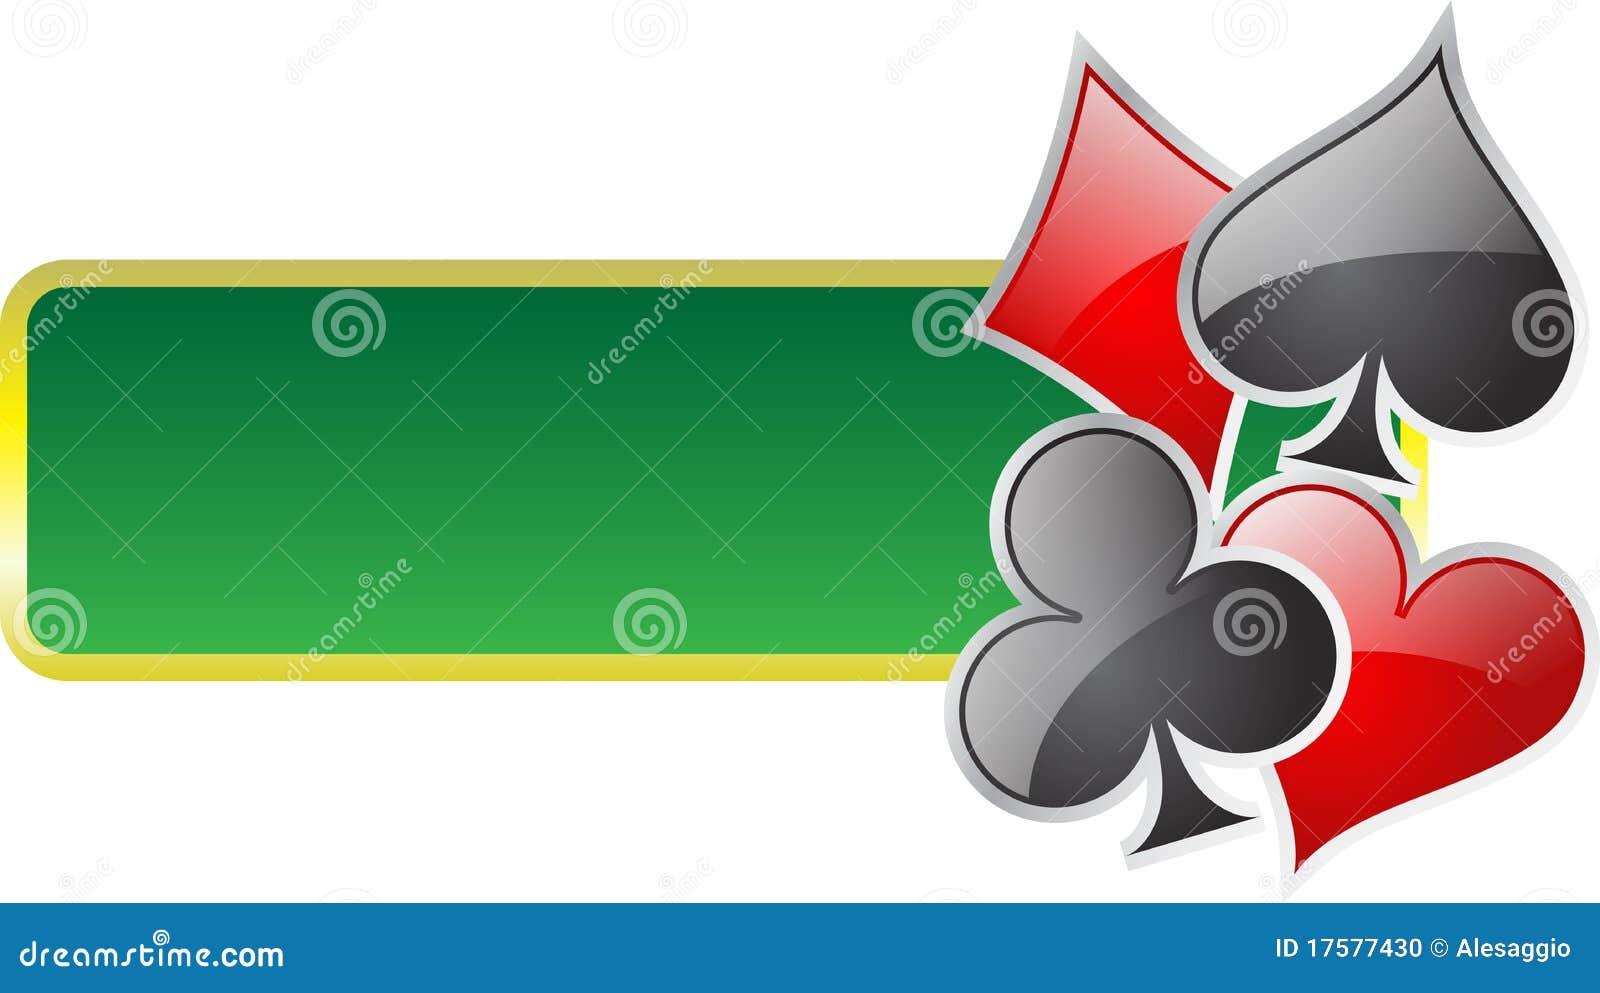 free casino slots games to play for fun operator coronavirus